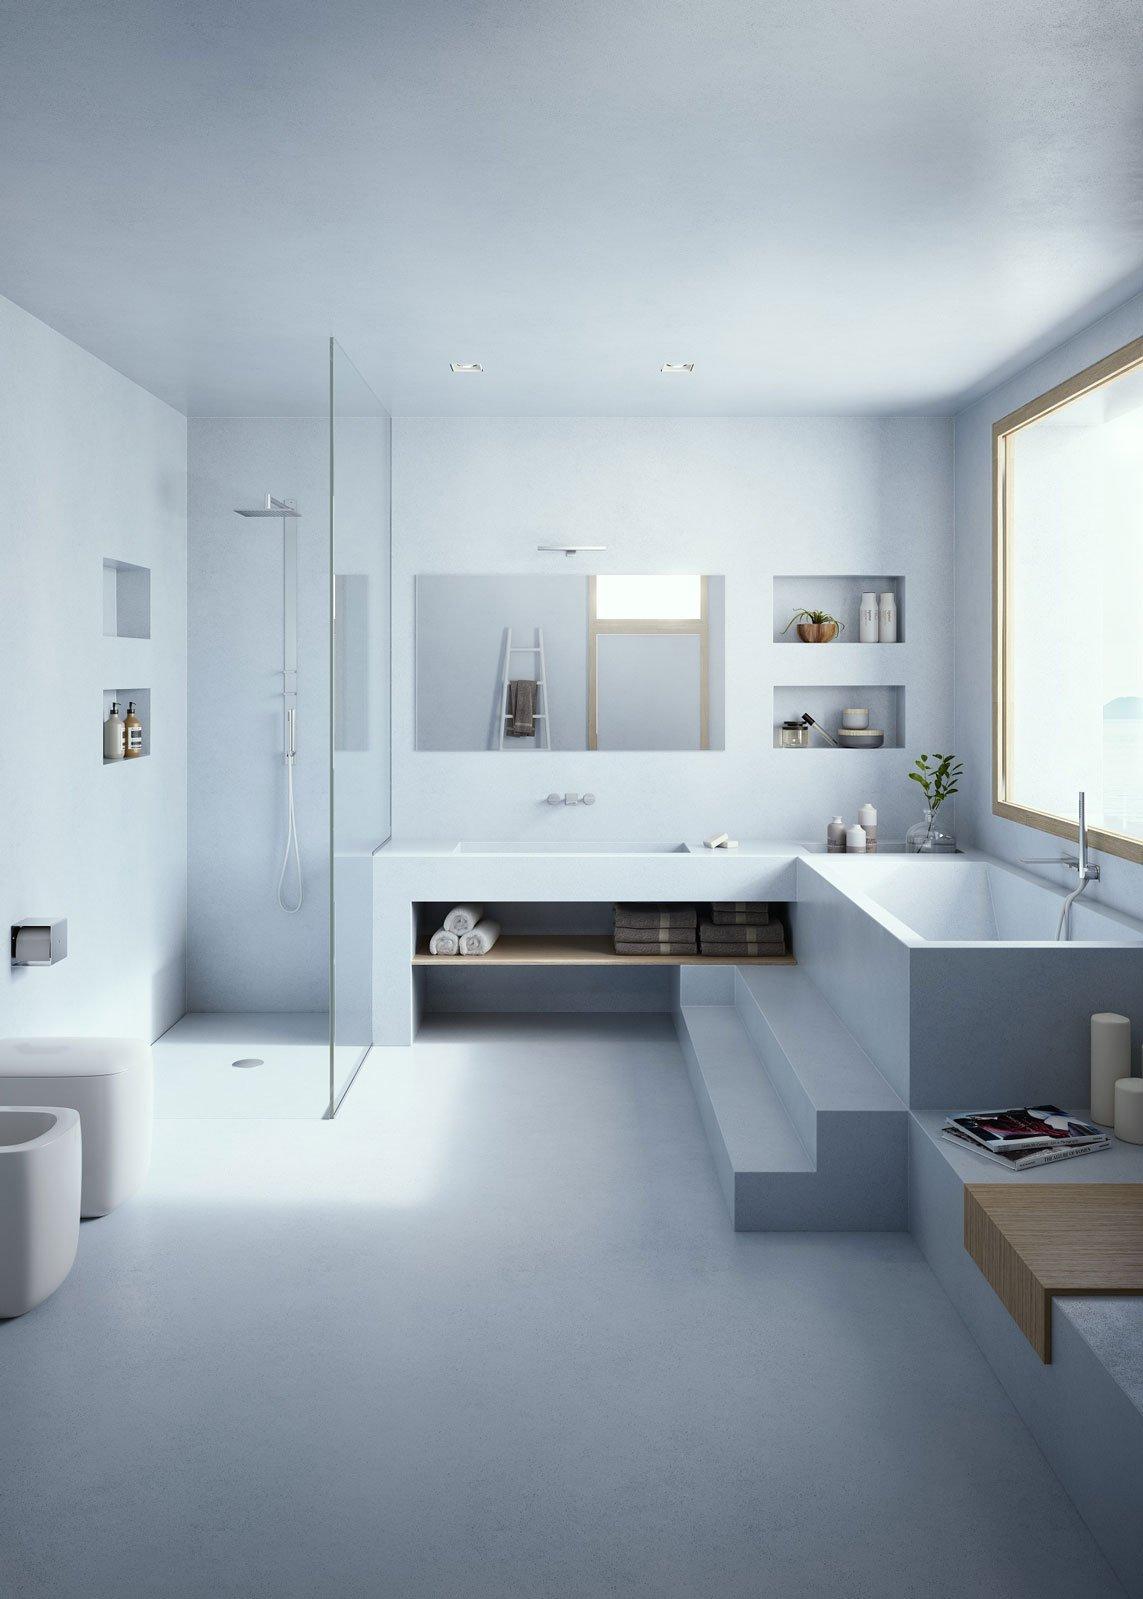 Cose di casa arredamento casa cucine camere bagno - Togliere piastrelle bagno ...